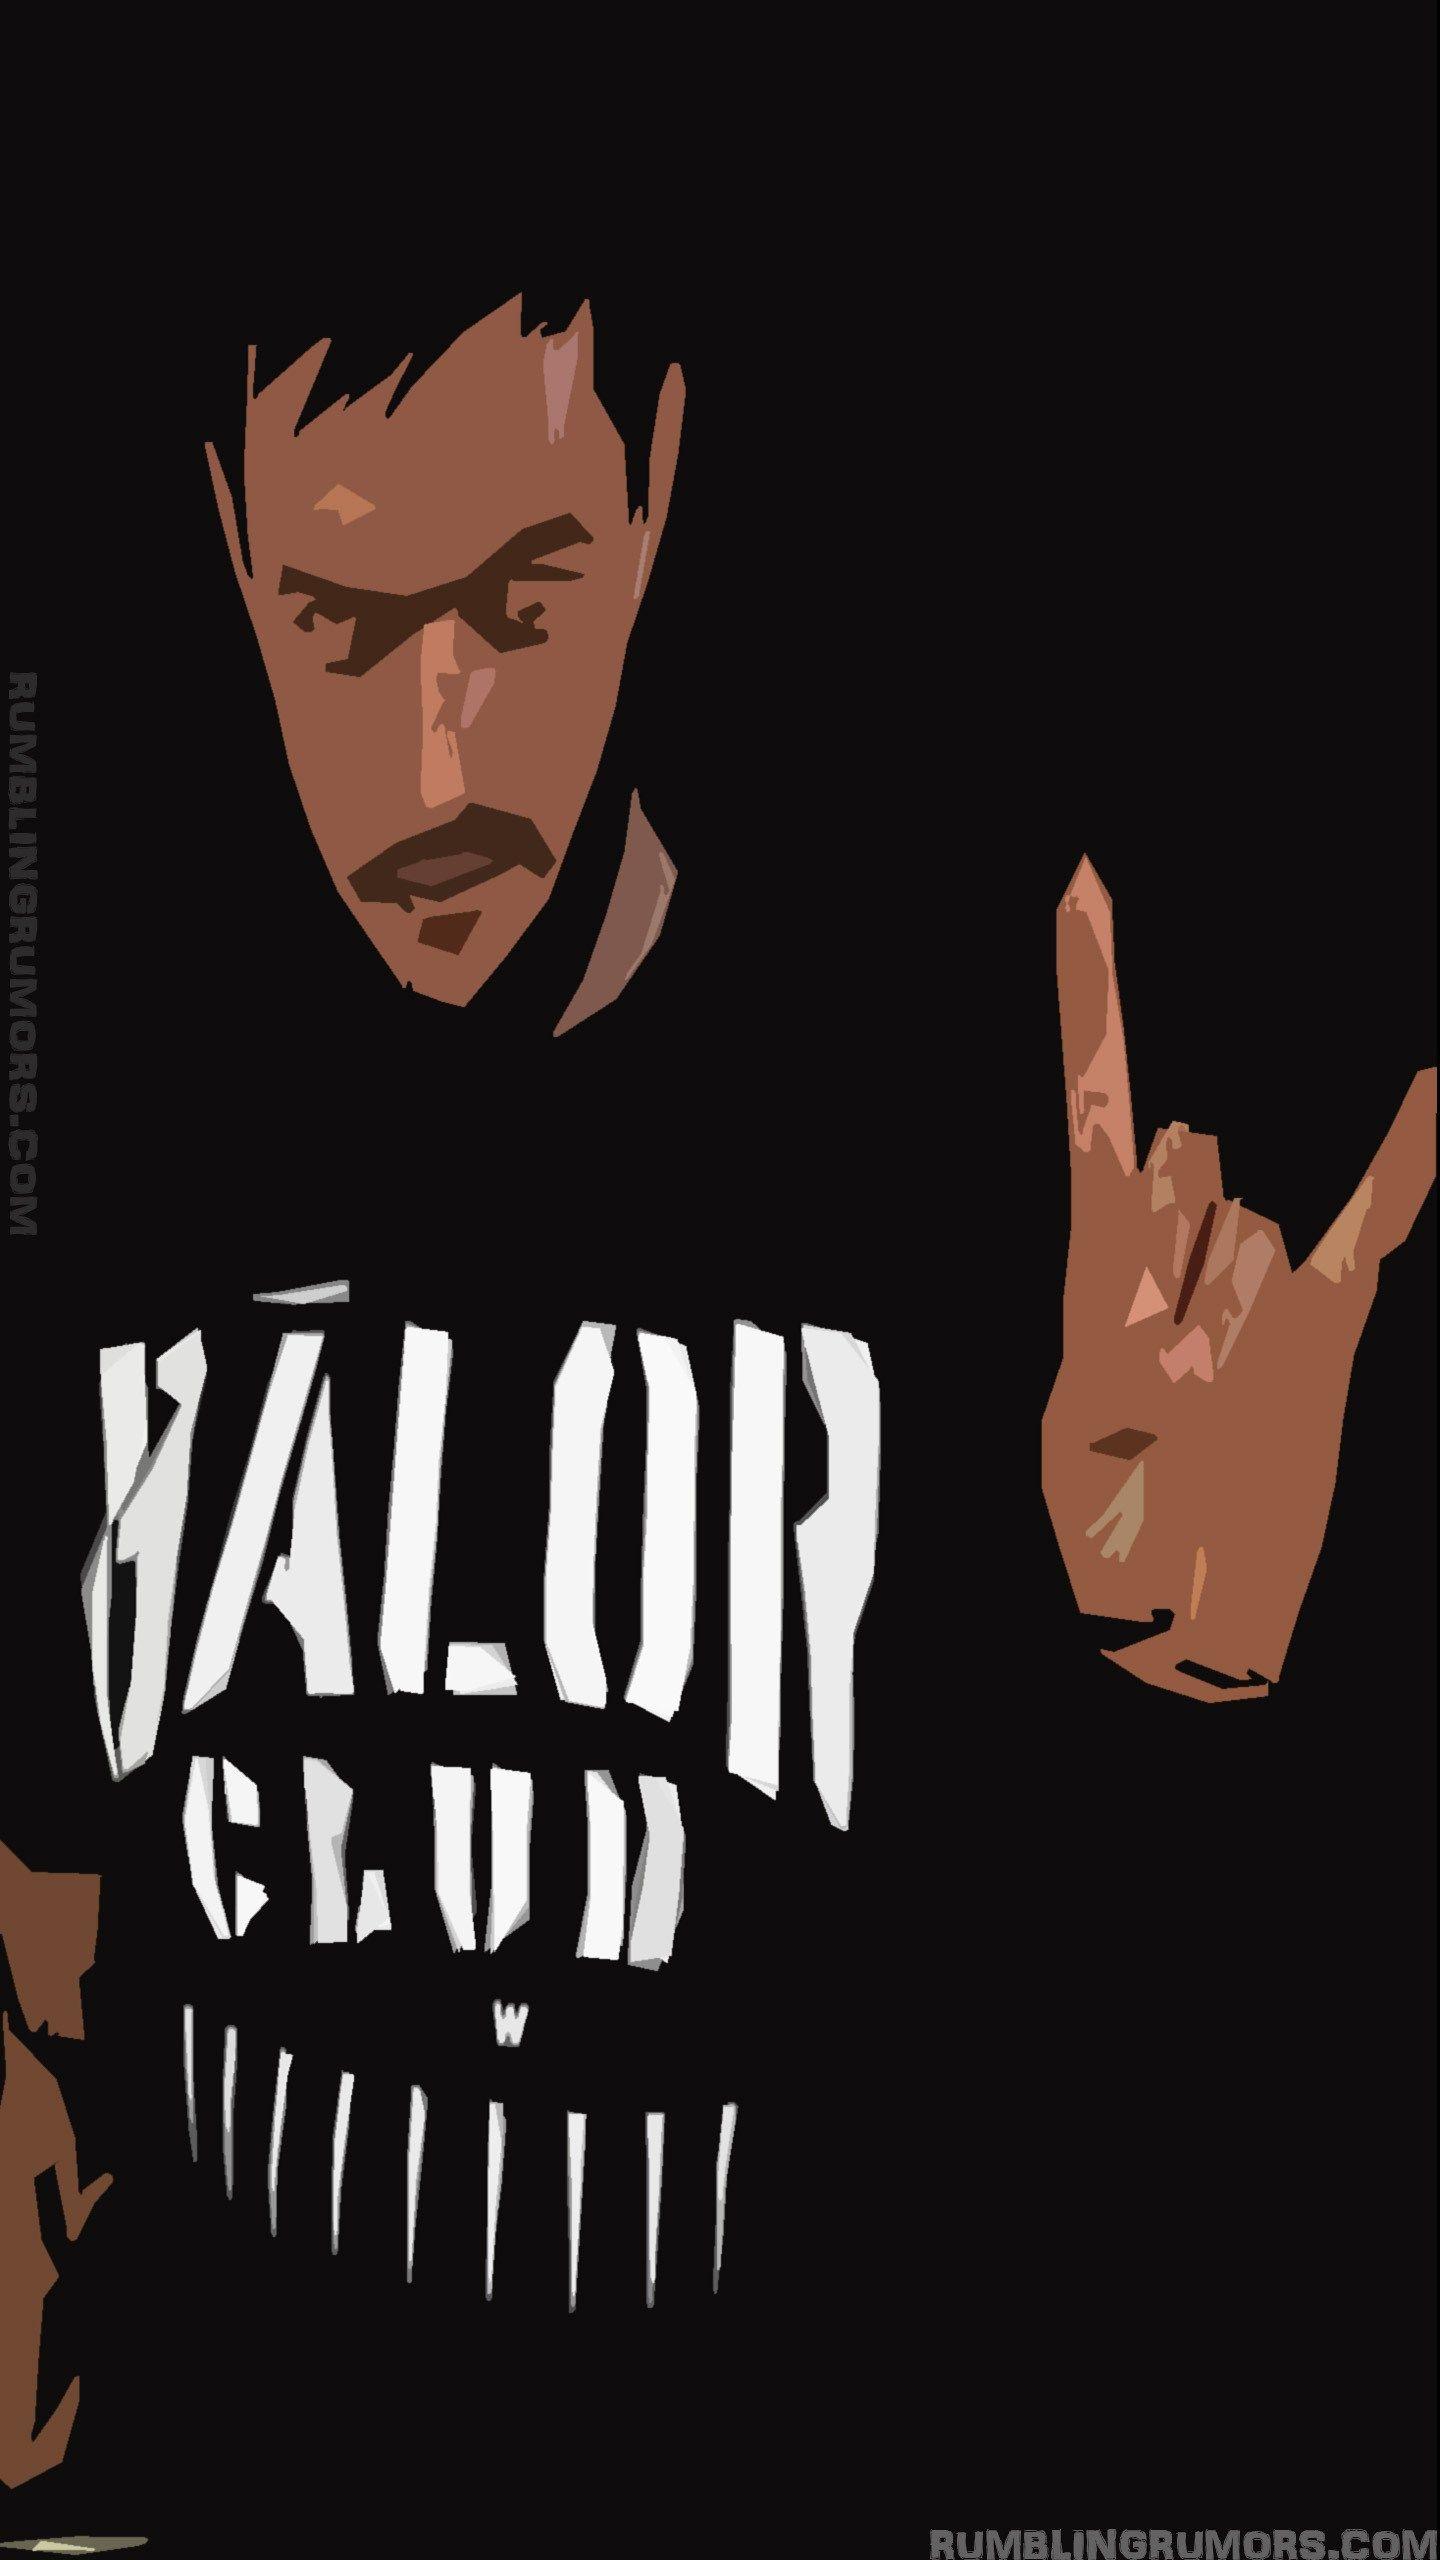 Balor Club Mobile Wallpapers Rumblingrumors Balor Club Wwe Pictures Mobile Wallpaper